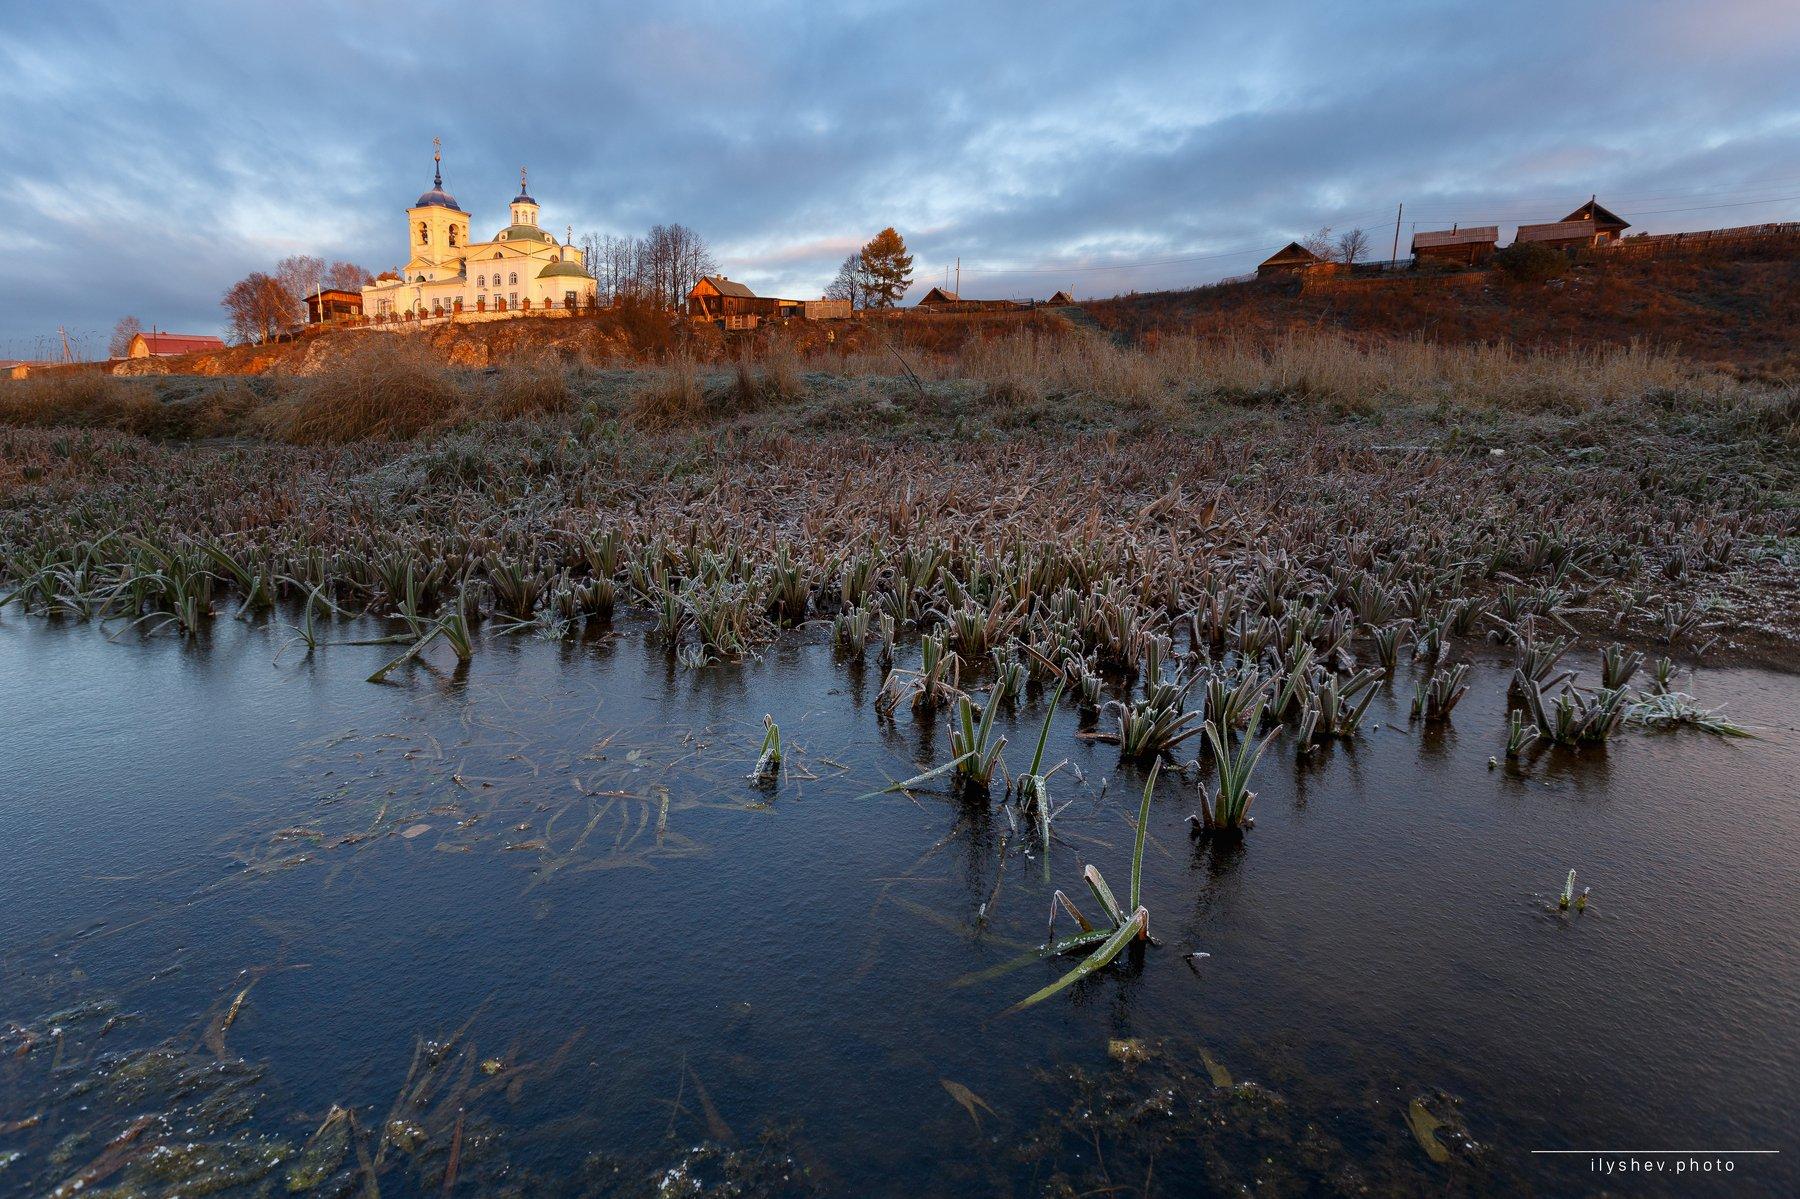 рассвет, урал, первый лед, пейзаж, природа, церковь, россия, Дмитрий Илышев